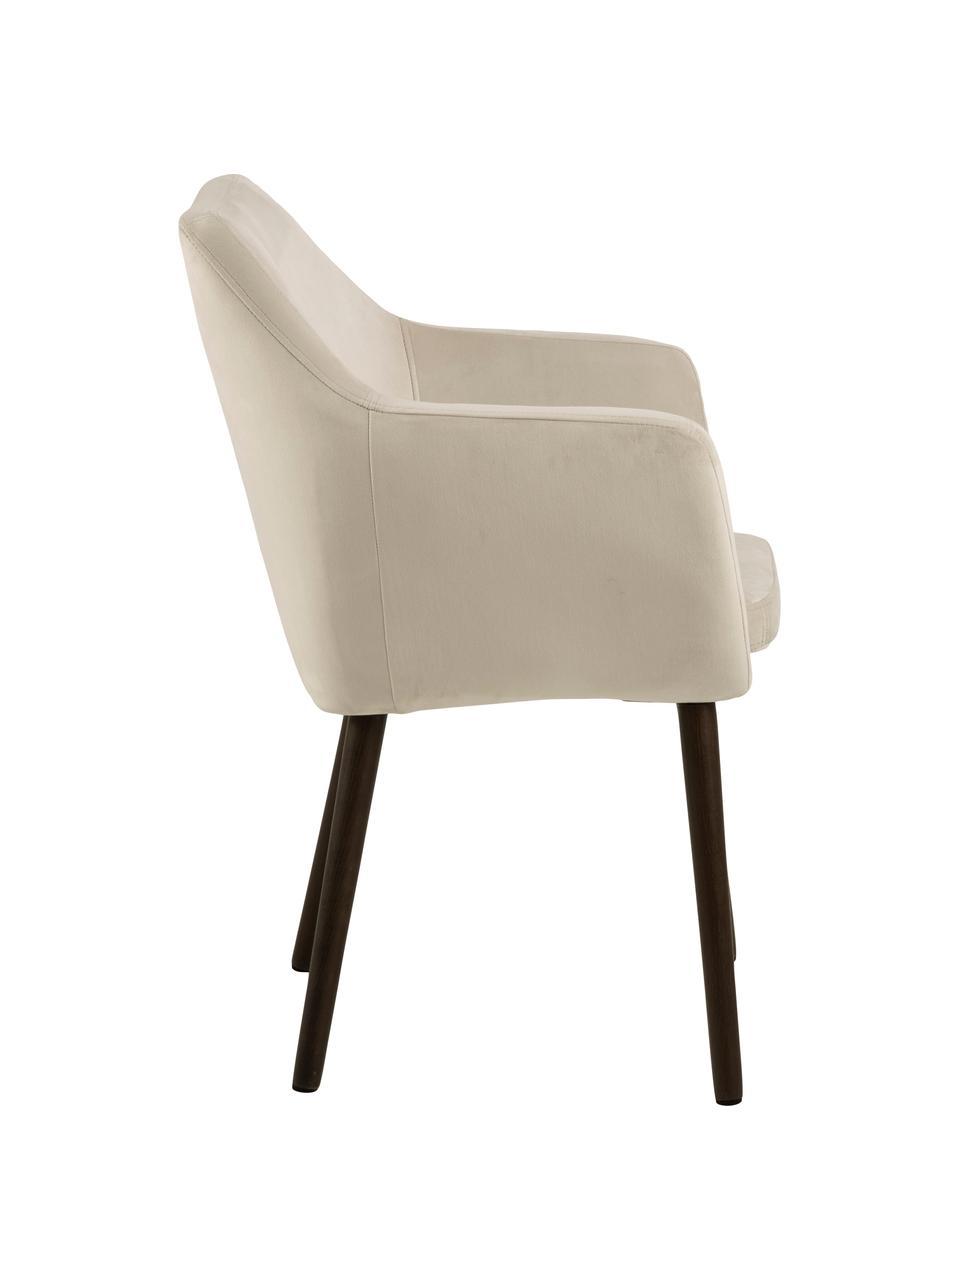 Sedia in velluto con braccioli Nora, Rivestimento: velluto di poliestere Il , Gambe: metallo rivestito, Velluto beige, gambe marrone scuro, Larg. 58 x Prof. 58 cm